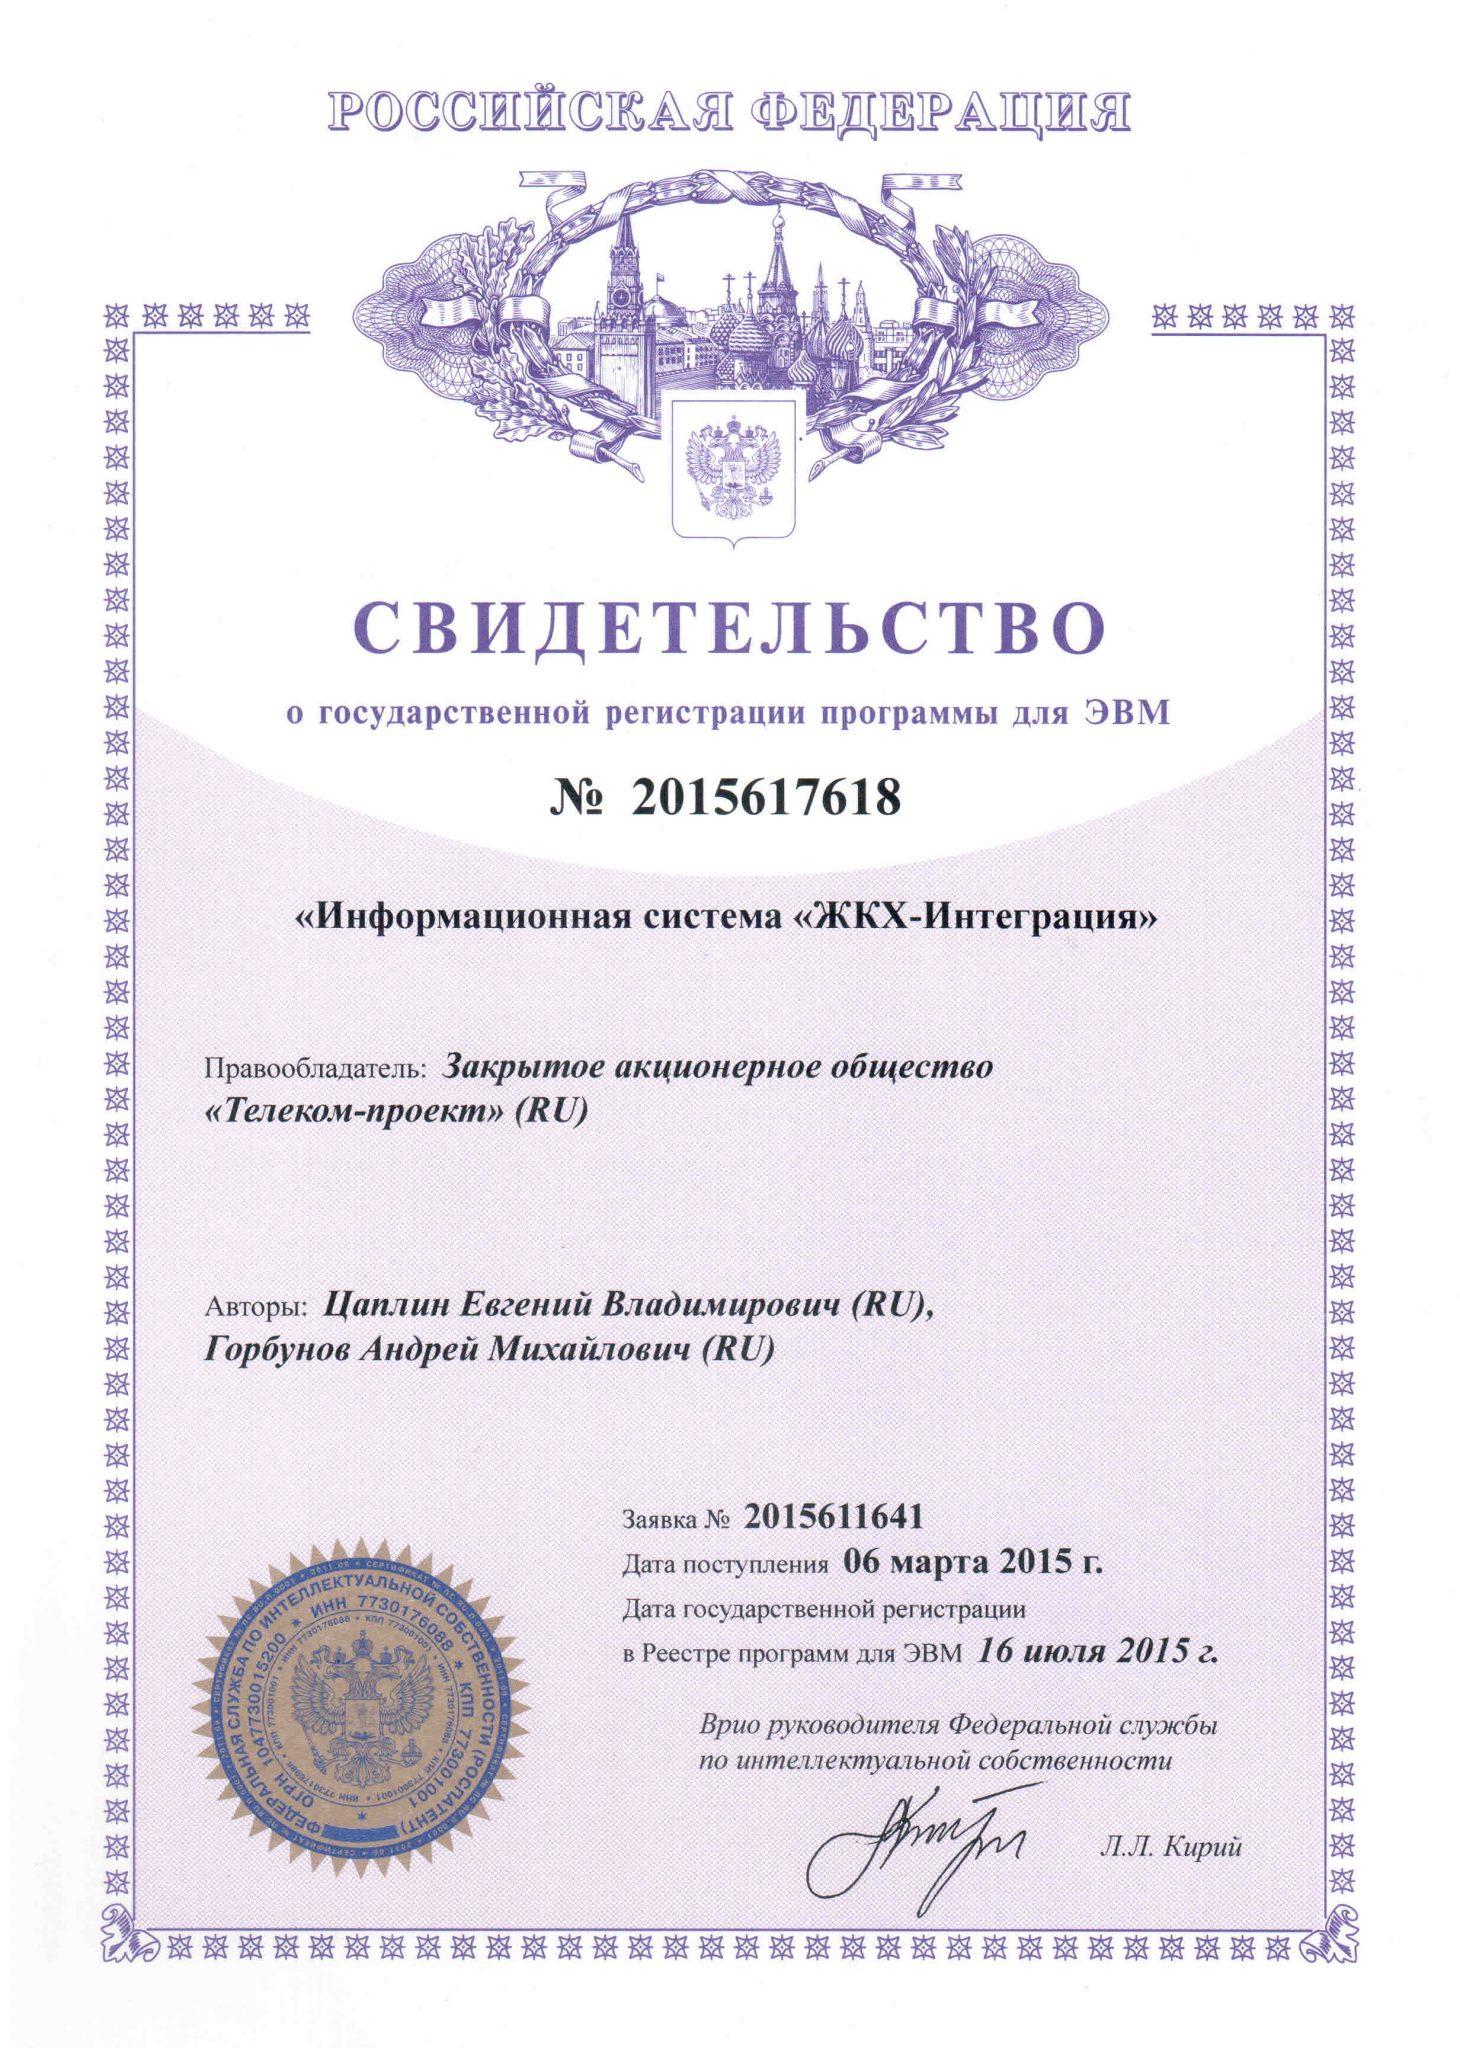 Свидетельство о регистрации ИС